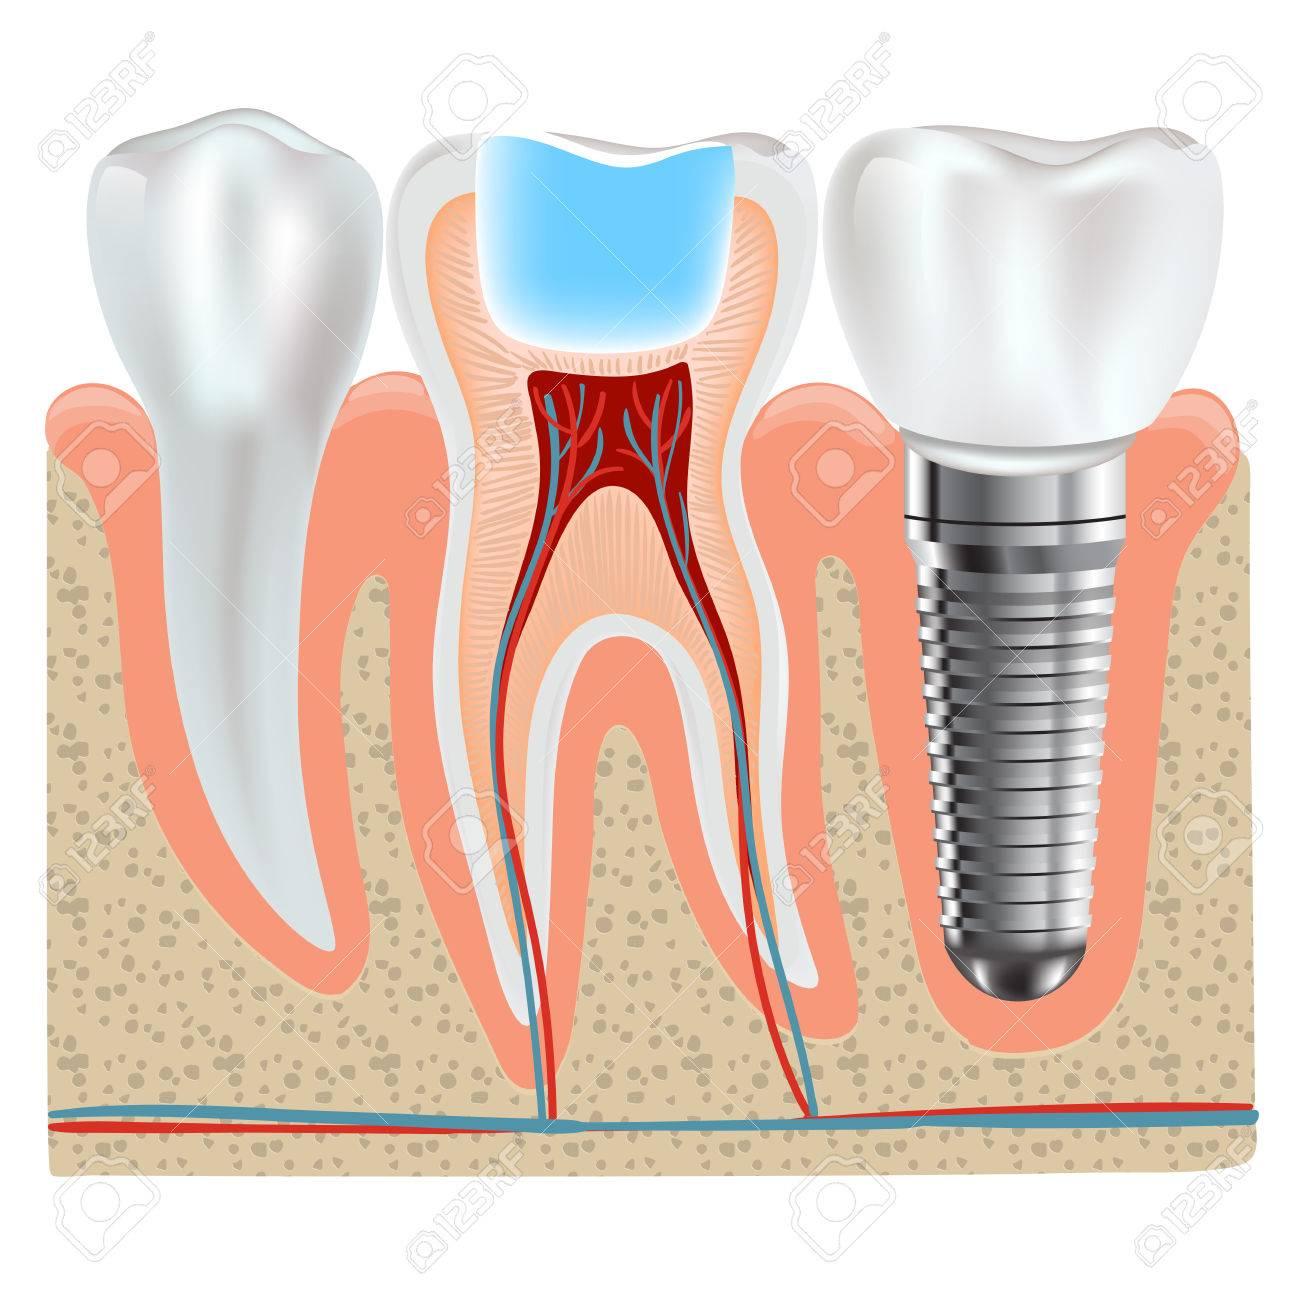 Zahnimplantat Und Echte Zahnanatomie Großansicht Lizenzfrei Nutzbare ...